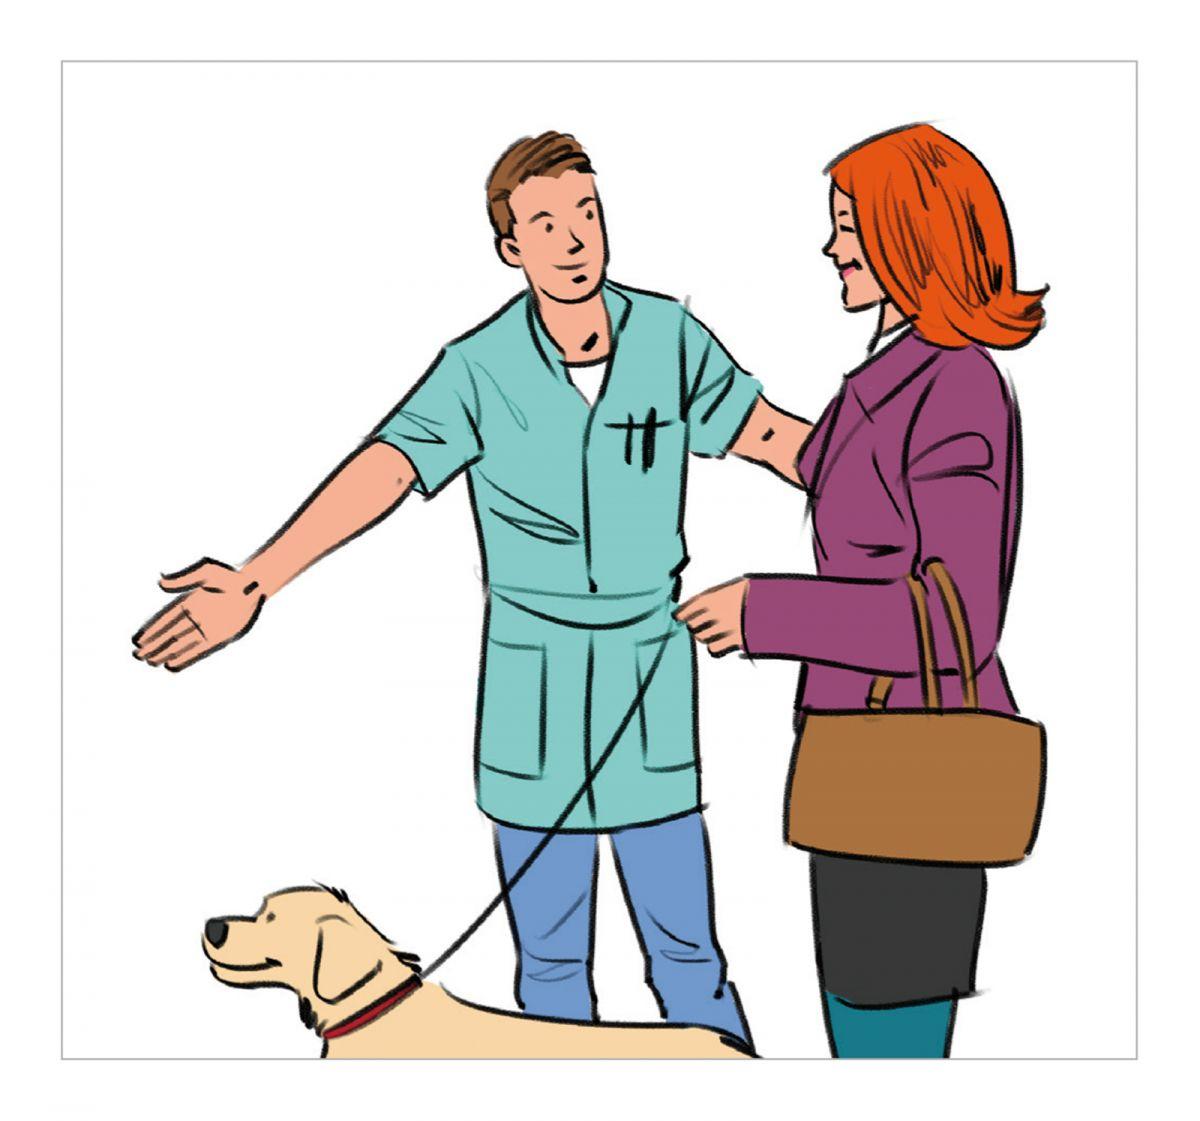 Les clients voient le vétérinaire comme un guide sur lequel ils peuvent compter : quelqu'un qui les fait participer à l'examen, au diagnostic et au traitement en les aidant à prendre les bonnes décisions.